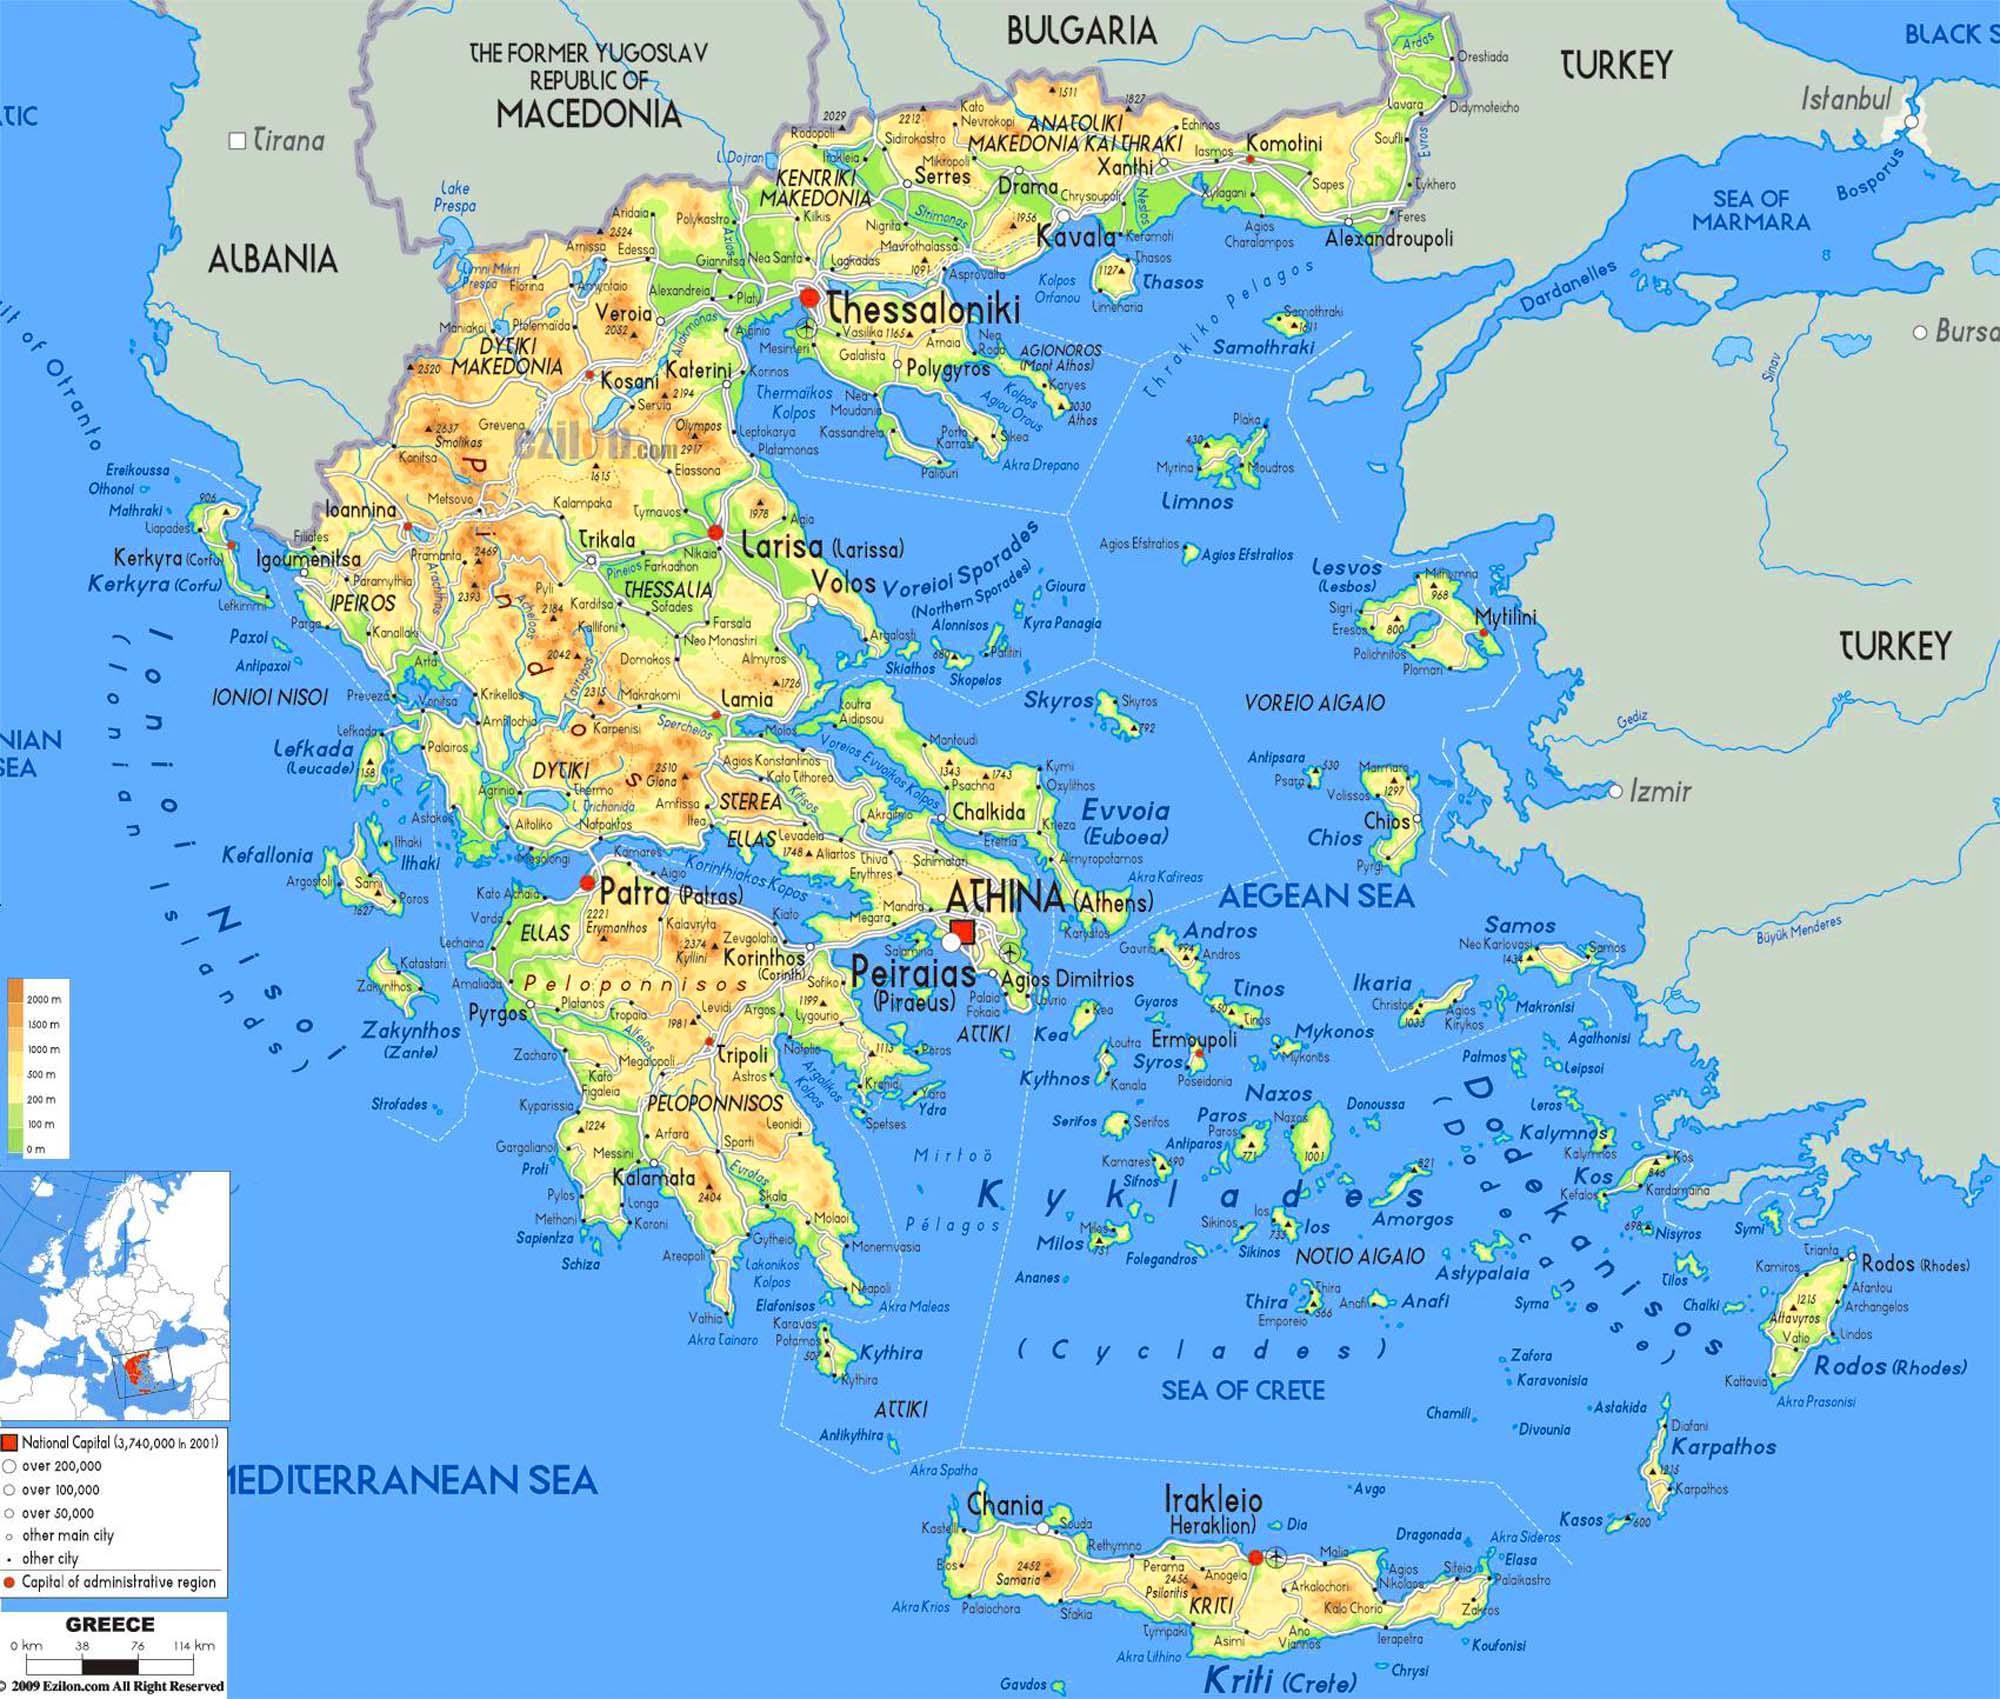 Conhecido Mapa de ilhas gregas - ilhas gregas mapa (Sul da Europa - Europa) PN53